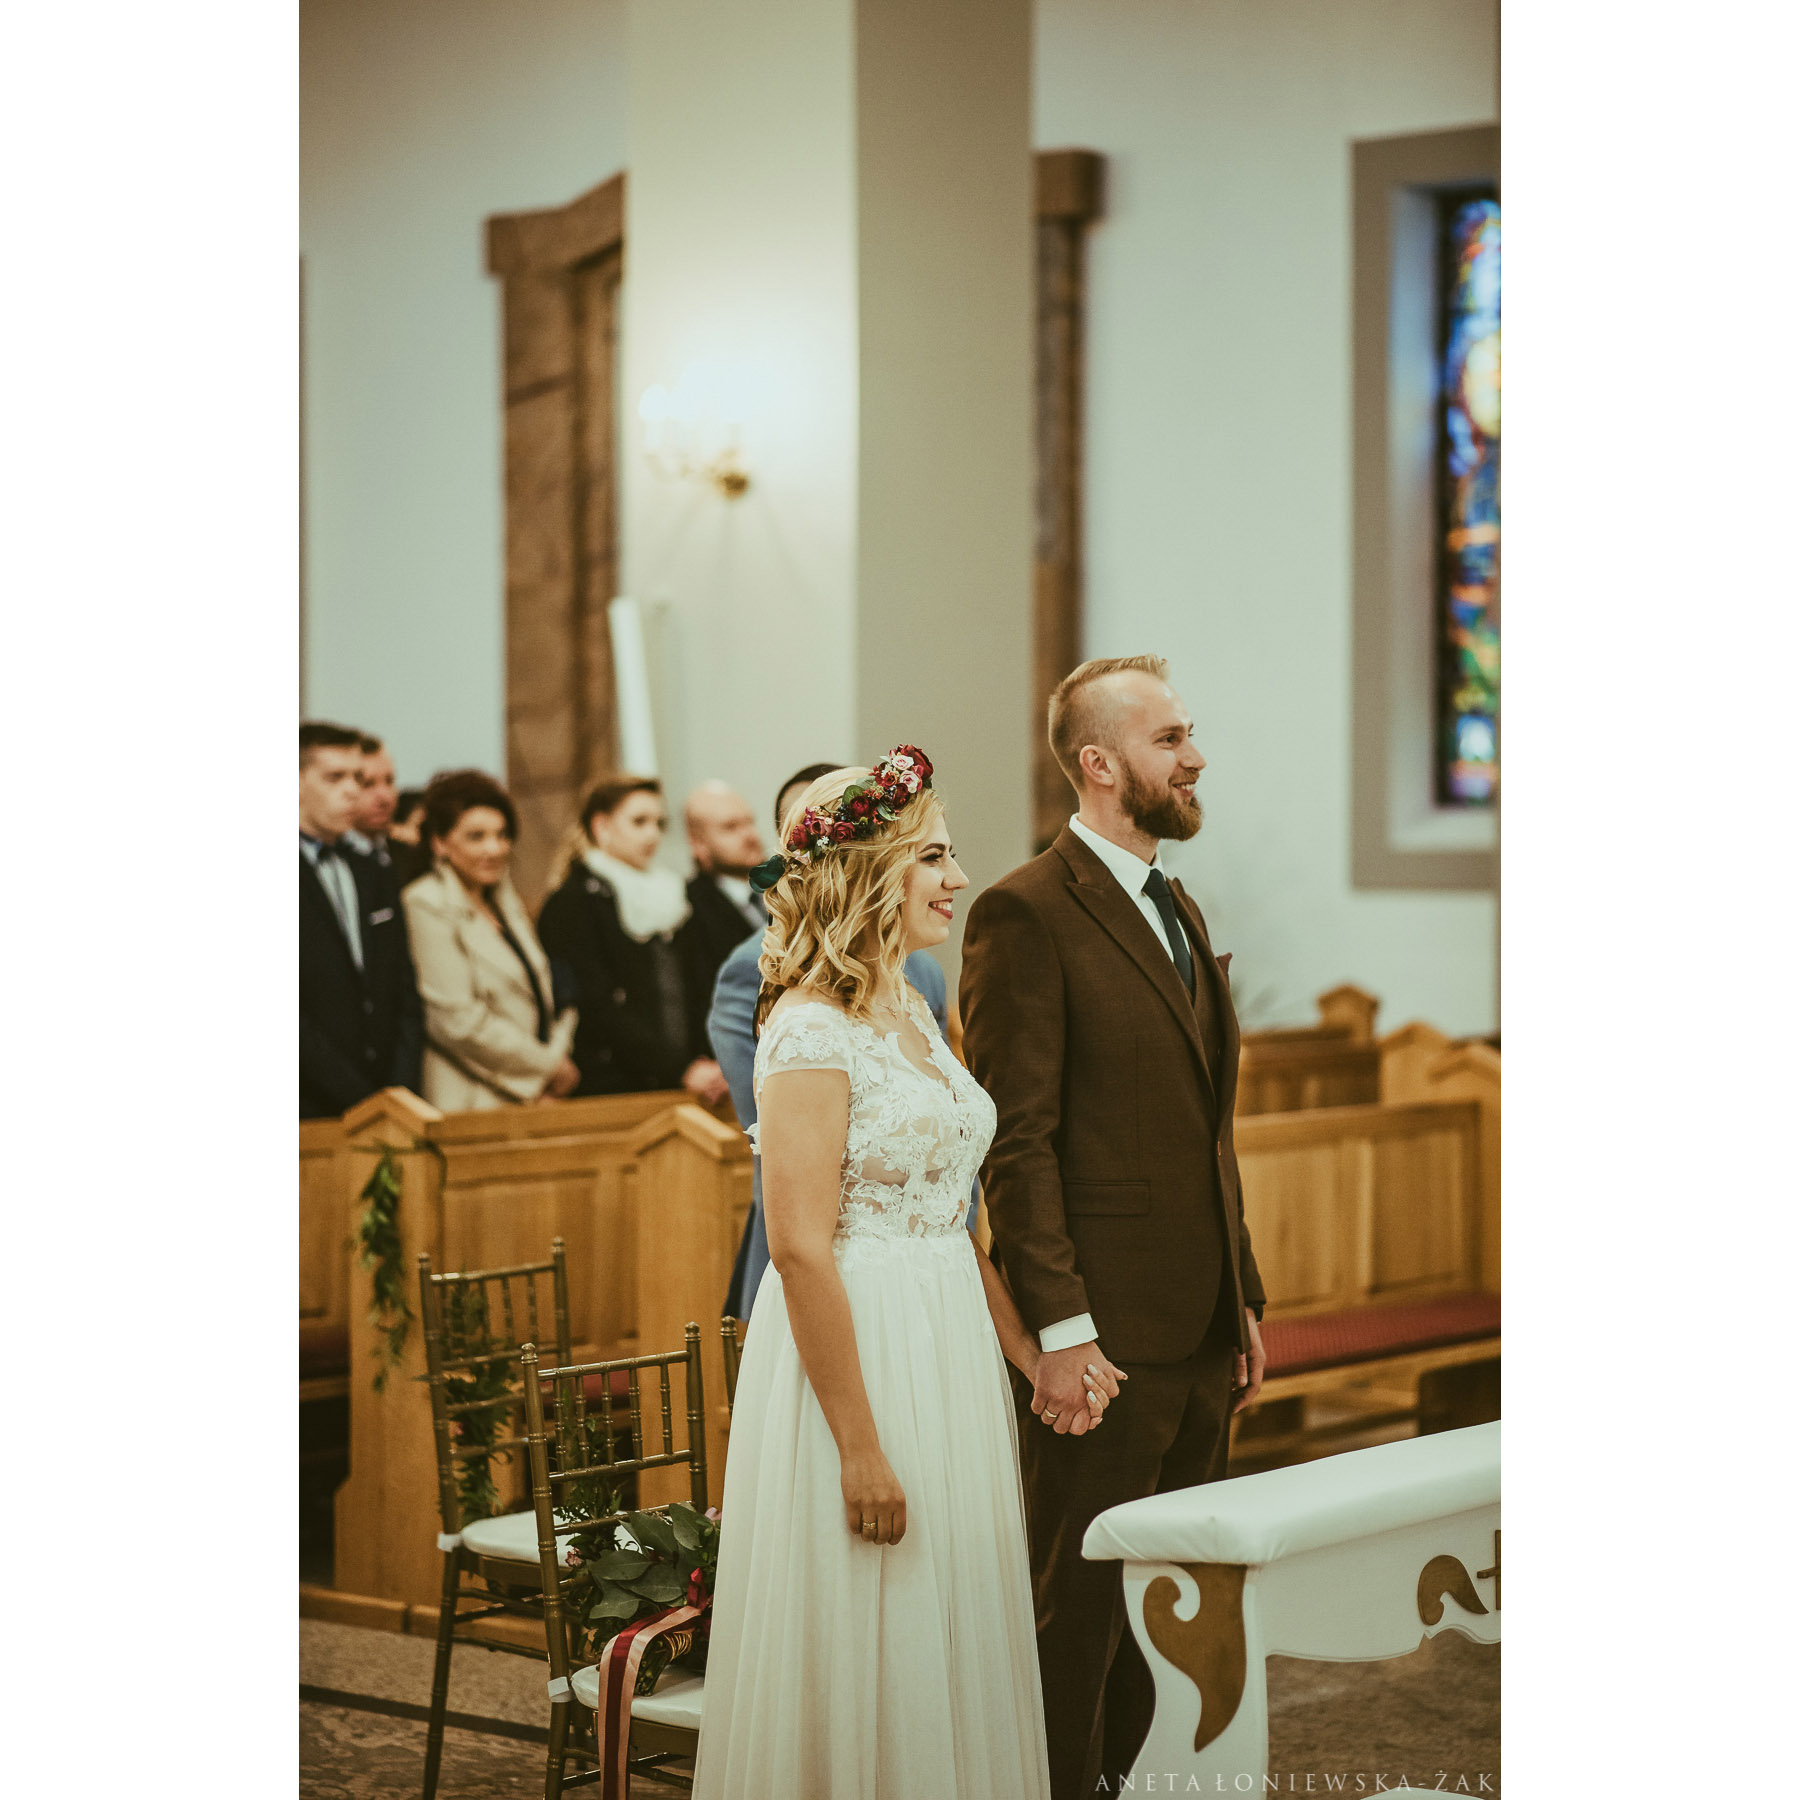 wesele leśników, ślub w stylu leśnym, ślub rustykalny podlasie, ślub boho podlasie, fotograf boho podlasie, fotograf ślubny białystok, ślub boho białystok